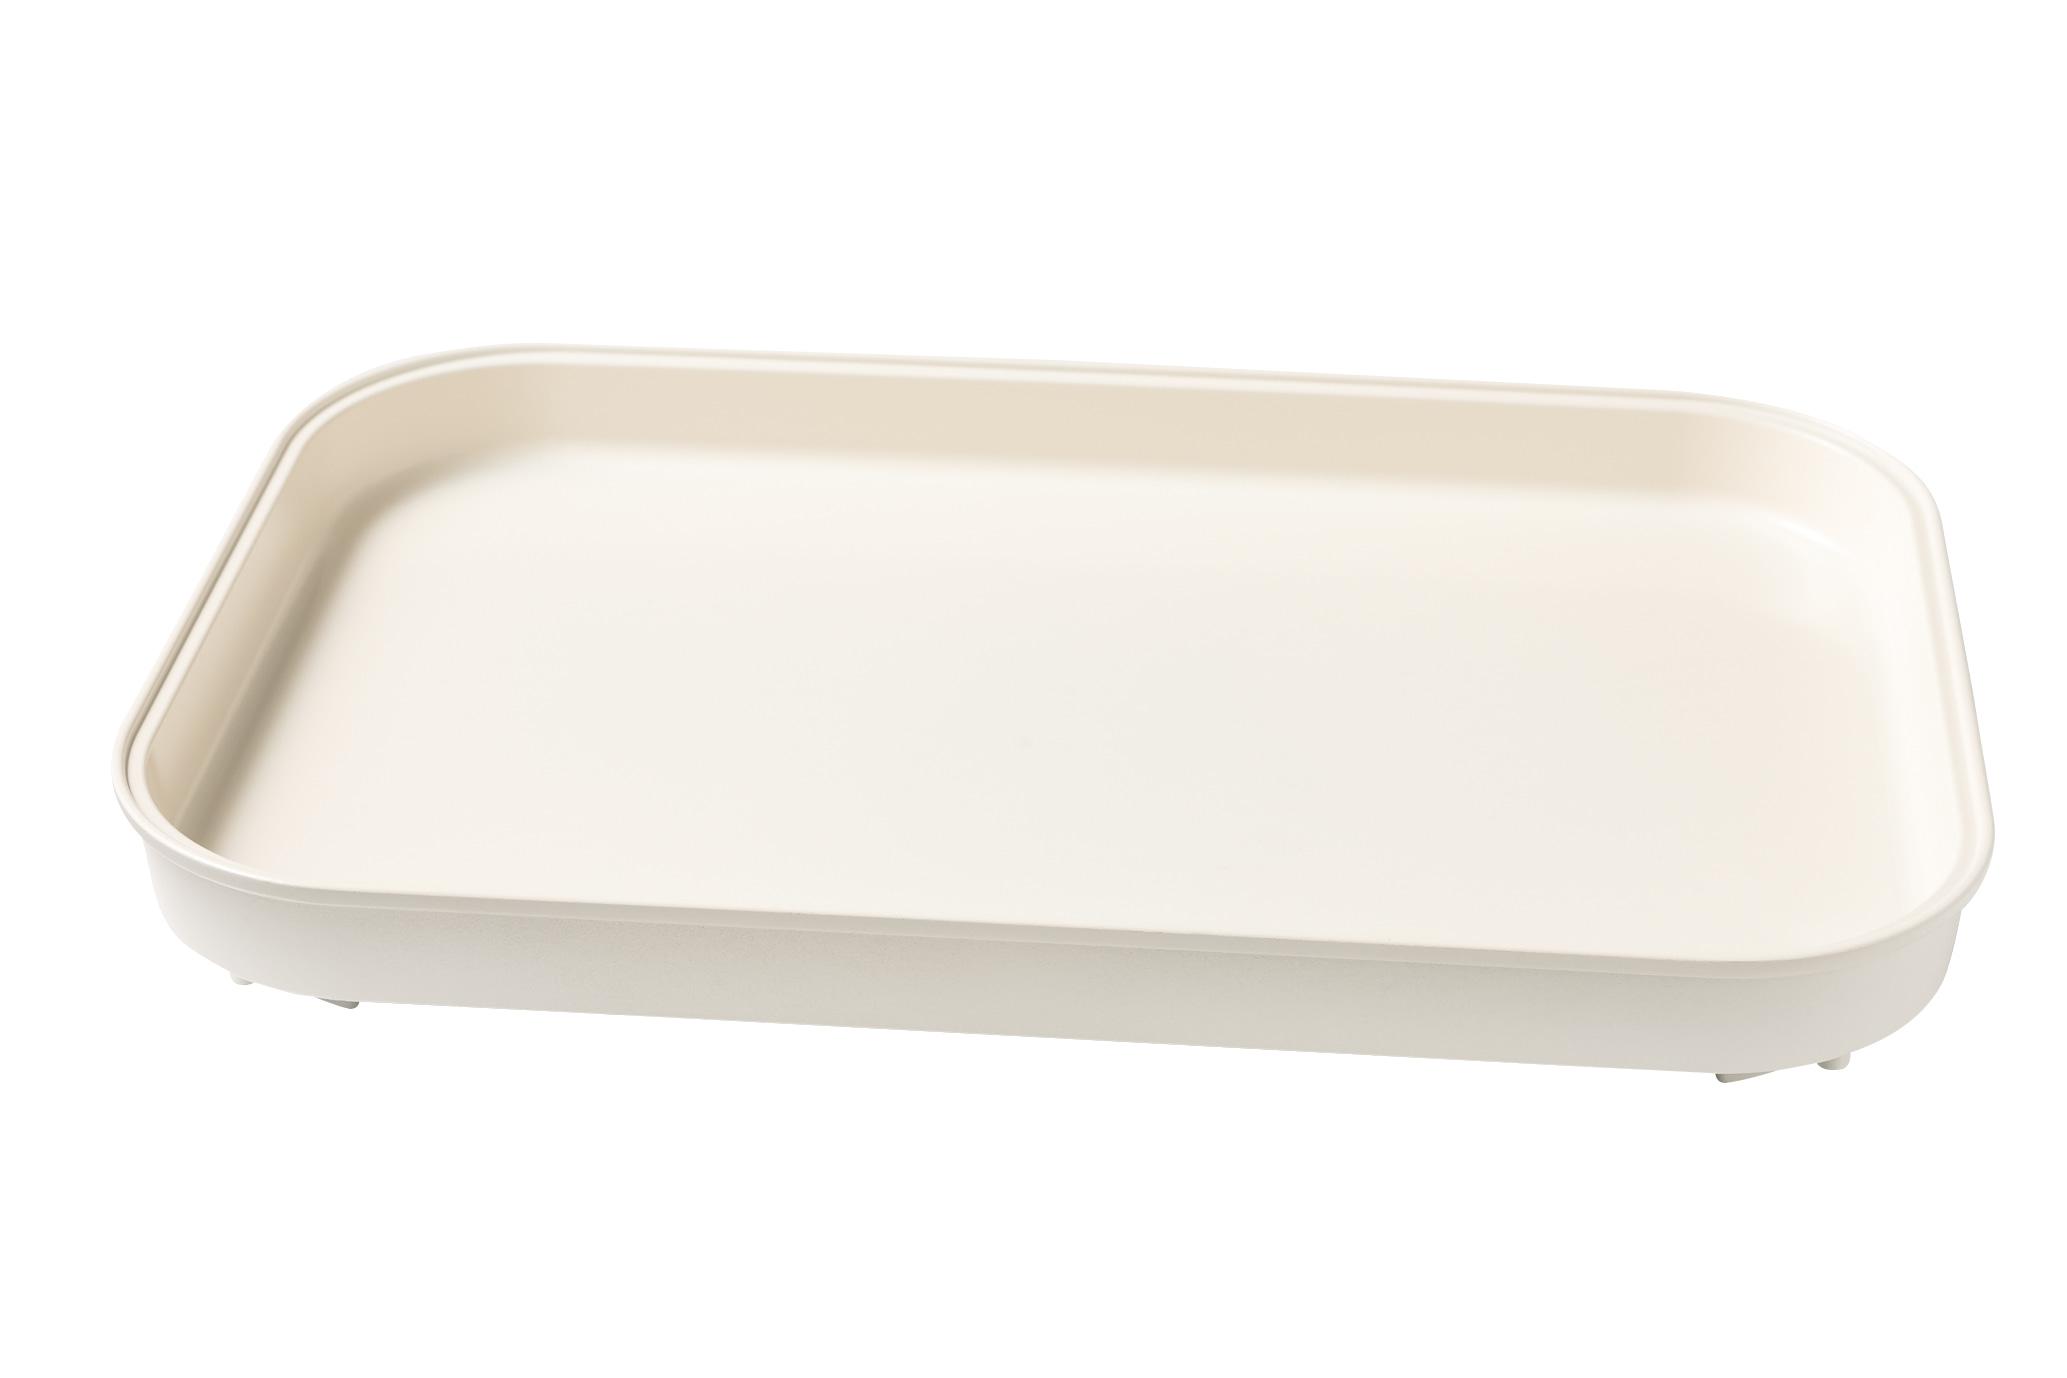 ポータブル ガス ホットプレート プチパン